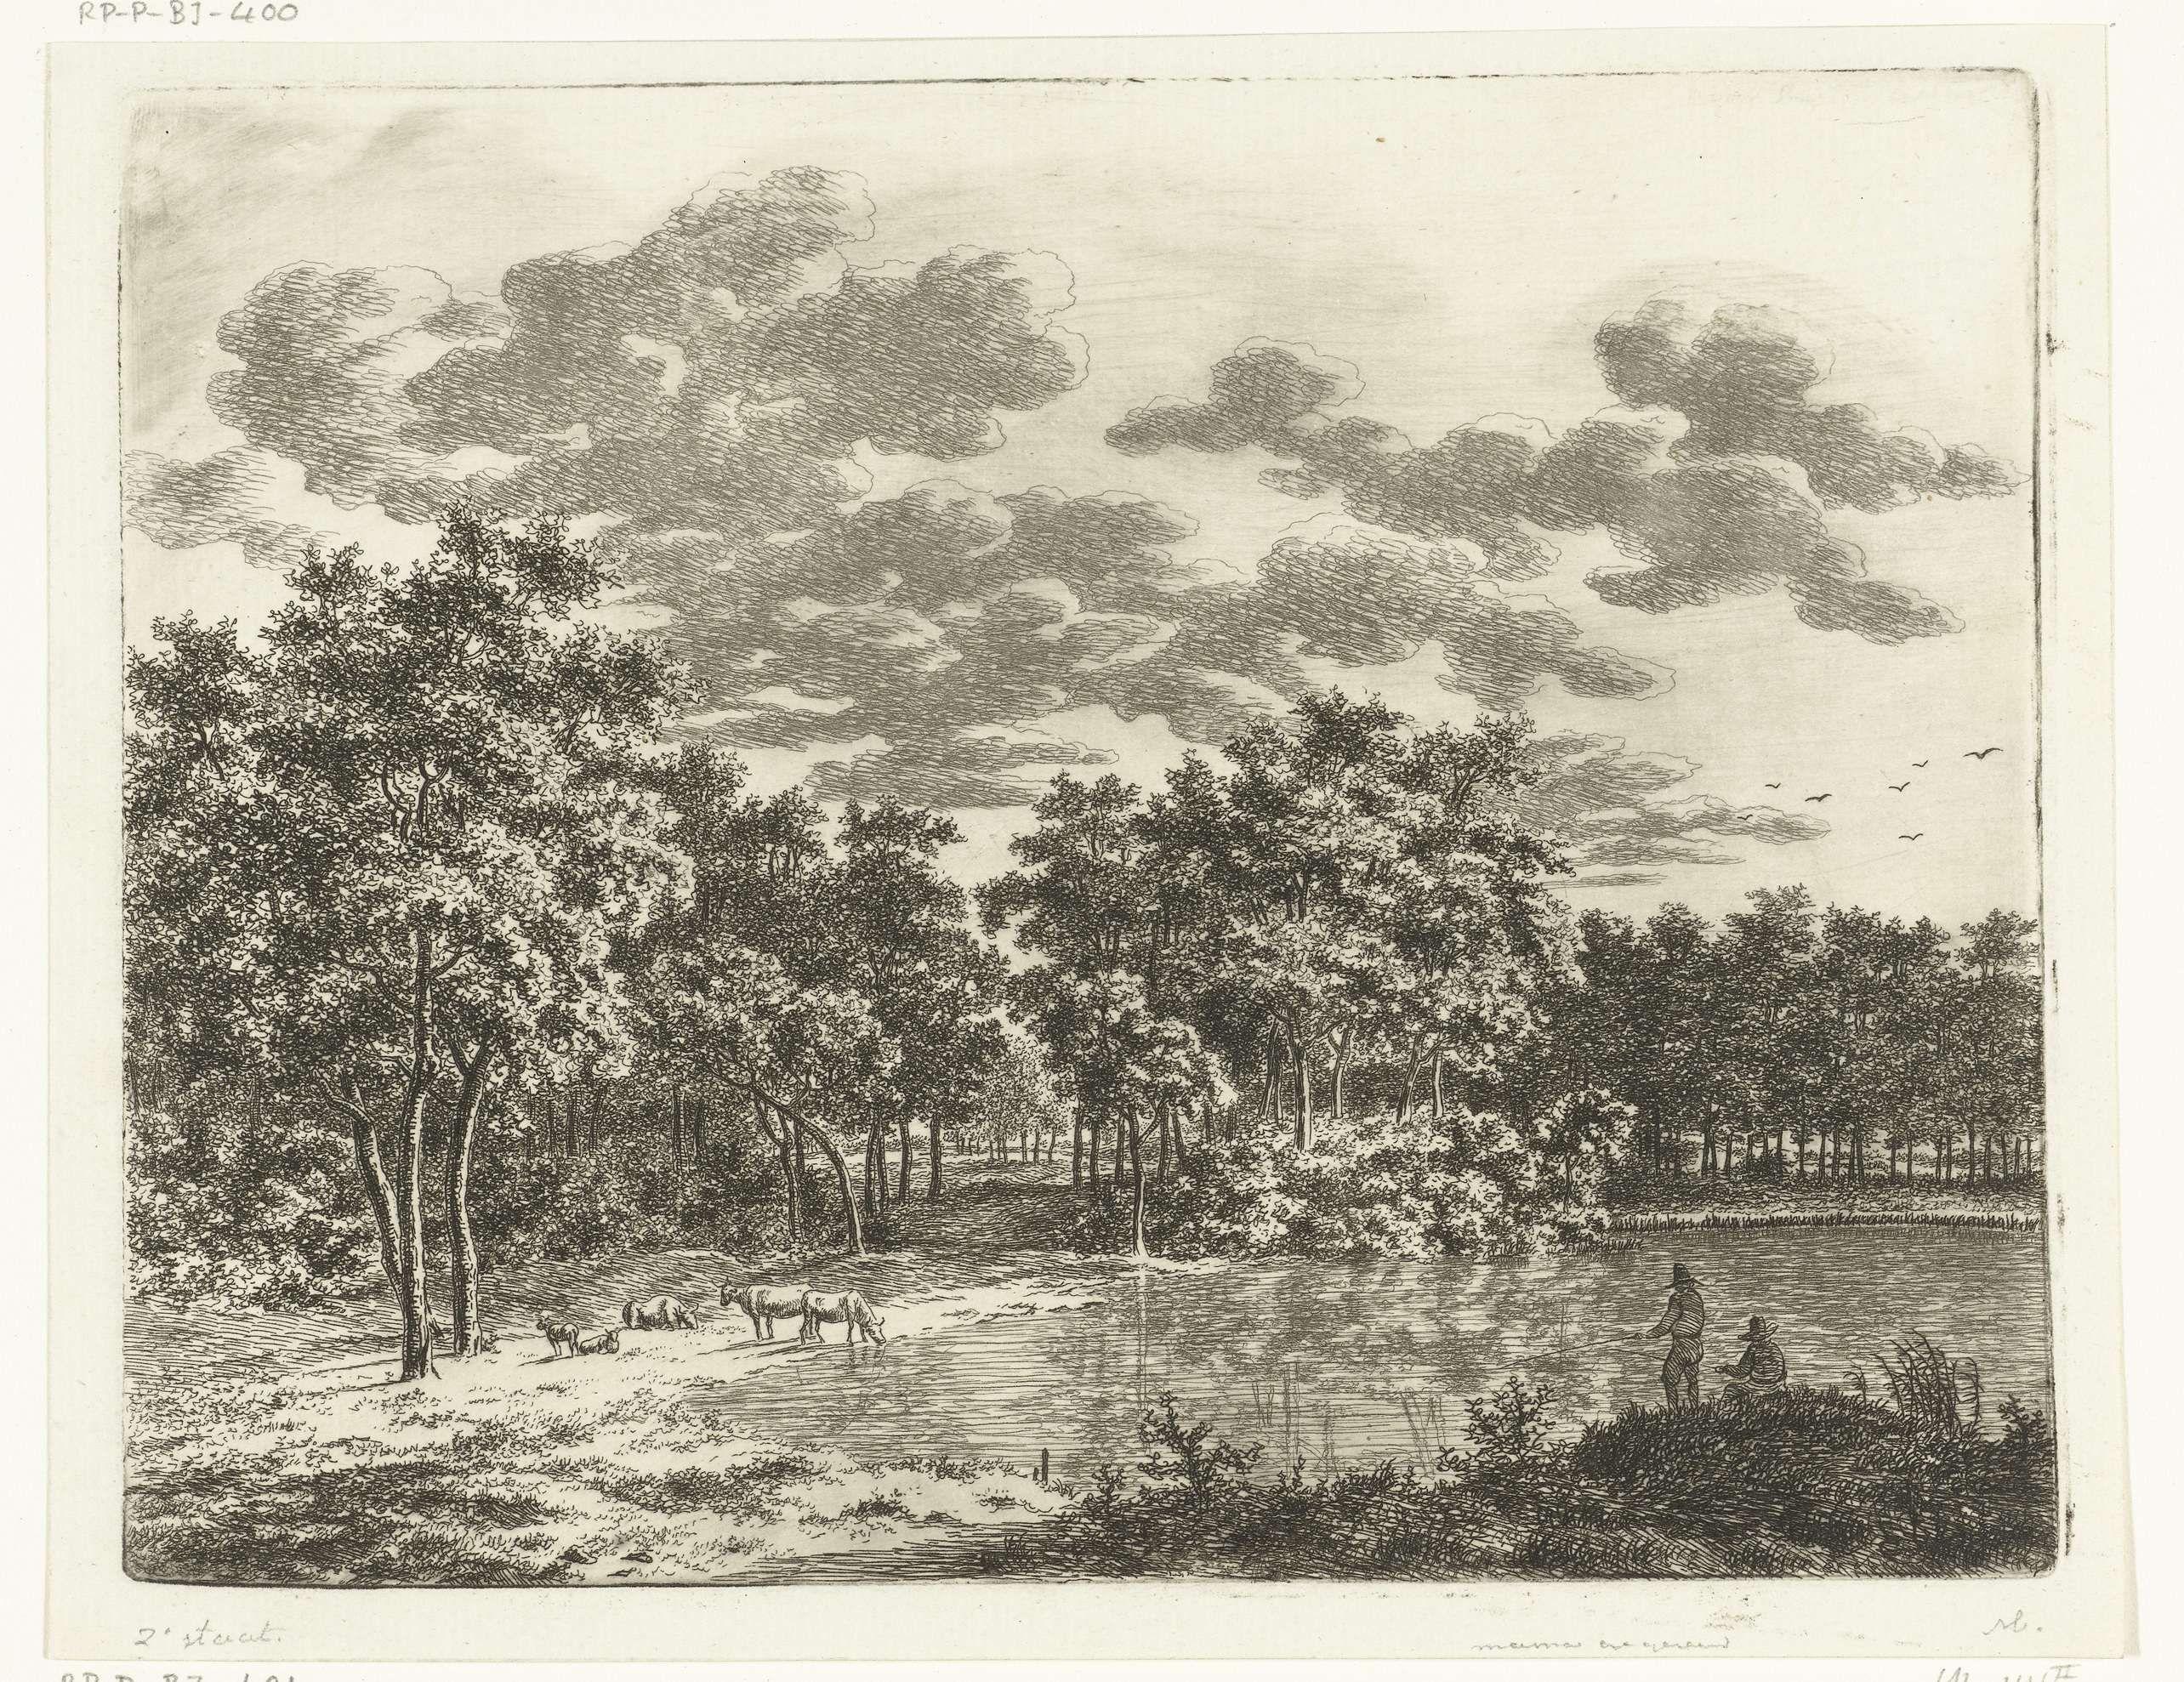 Ernst Willem Jan Bagelaar   Landschap met vijver en twee hengelende vissers, Ernst Willem Jan Bagelaar, 1798 - 1818  